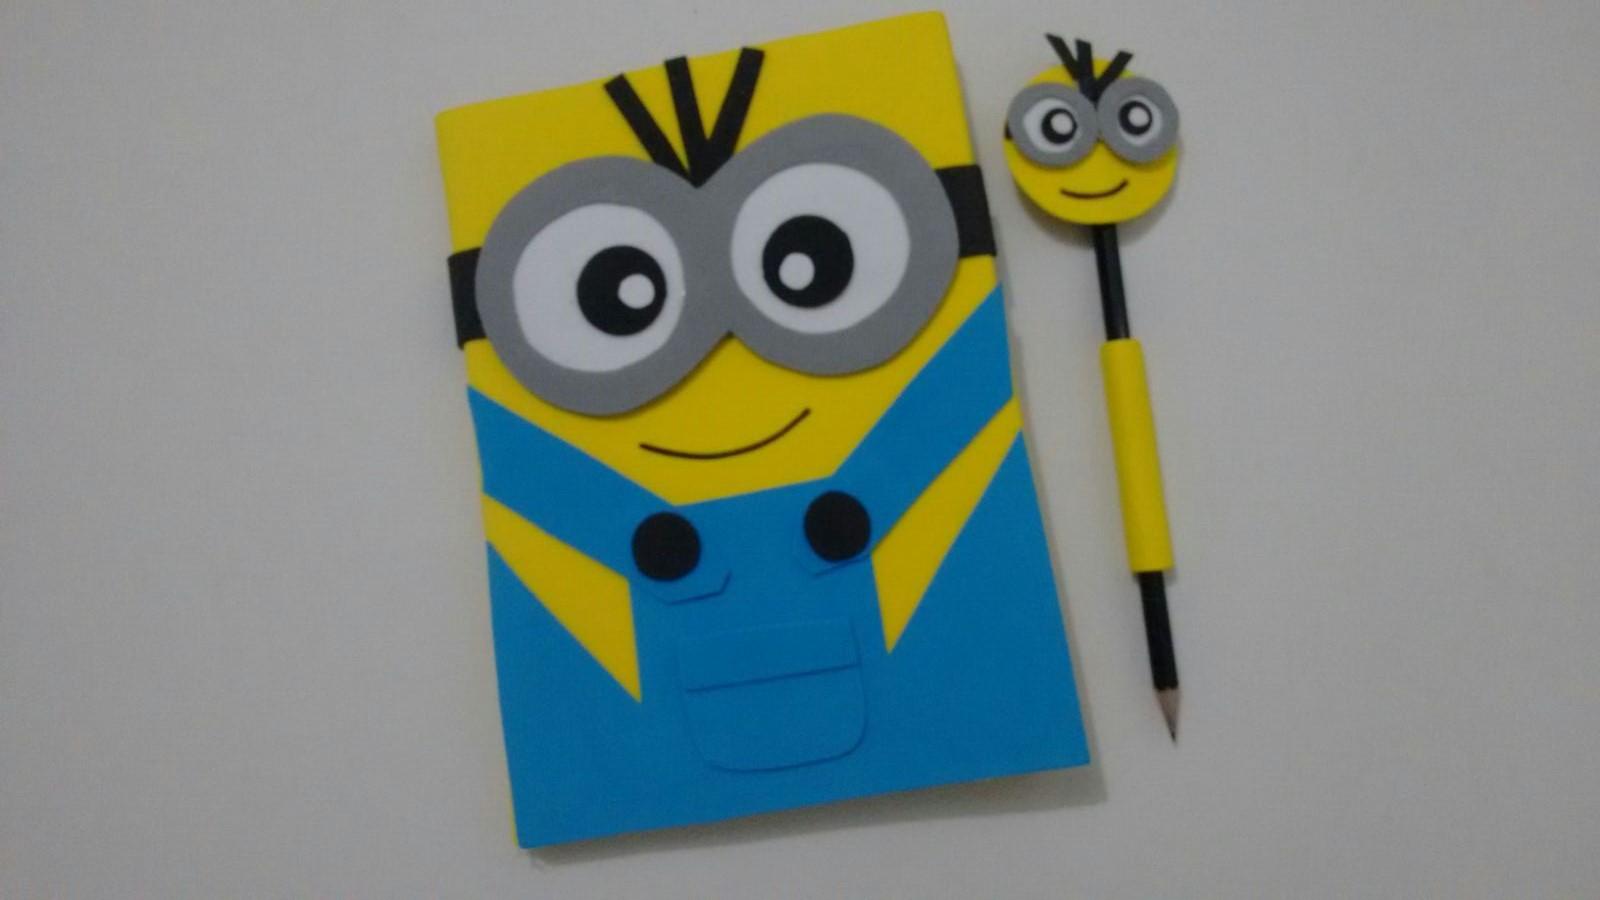 Caderno De Desenho Minions No Elo7 Joao Maria 5cc5a7